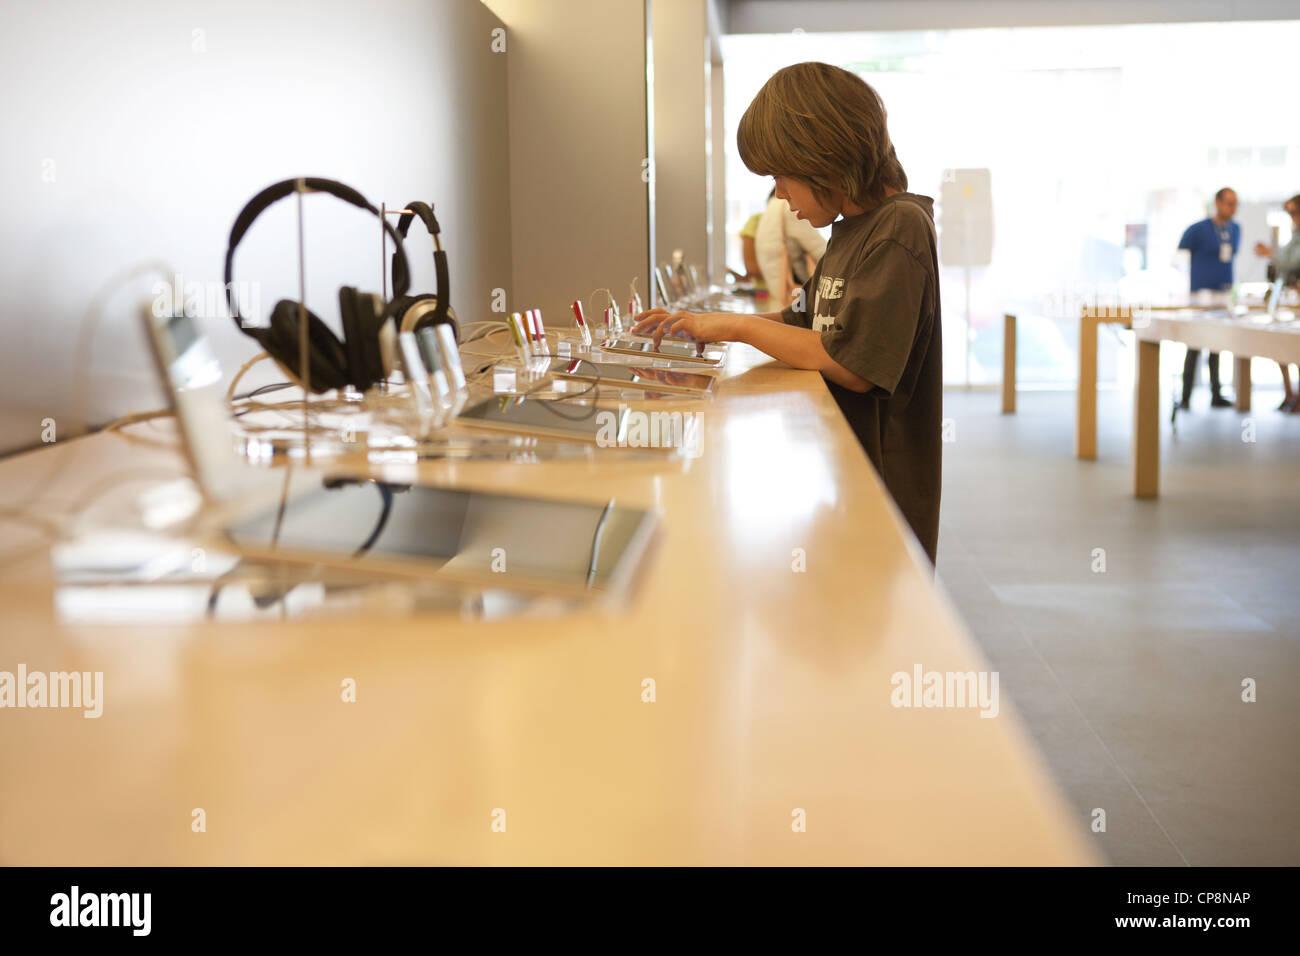 Bambino di nove anni tenta di eseguire la versione più recente del tablet ipad presso un negozio Apple Store. Immagini Stock